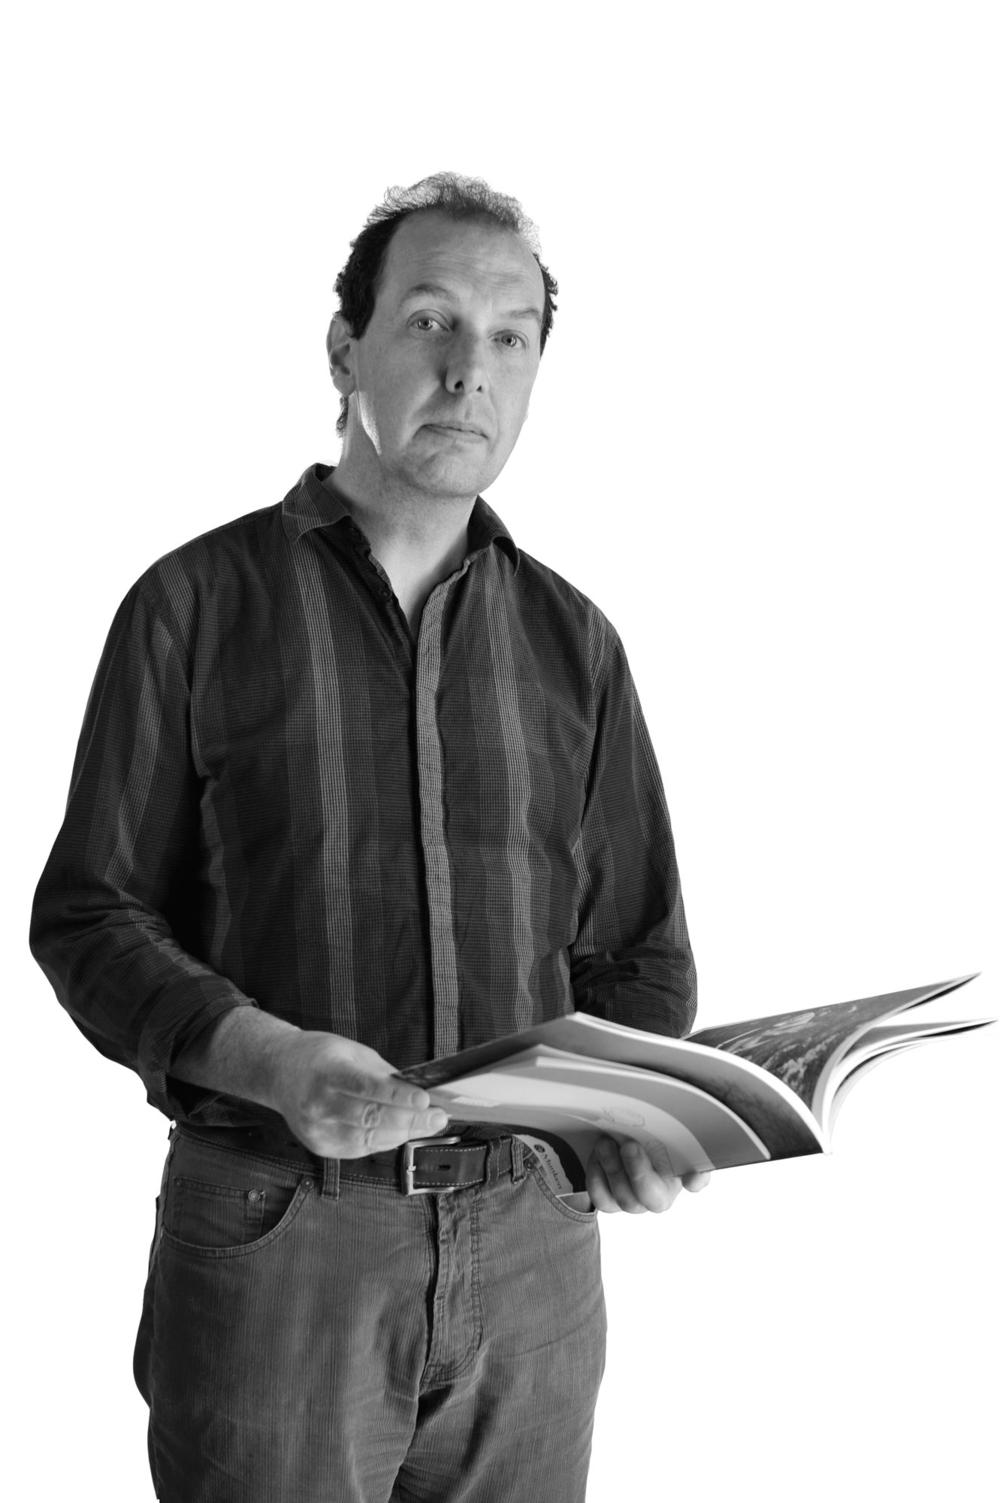 François-Xavier Delogne Droit immobilier et de la construction Droit familial, patrimonial, notarial T +32 (0)2 501 61 12 F :+32 (0)2 514 22 31  E :fx.delogne@wery-legal.be